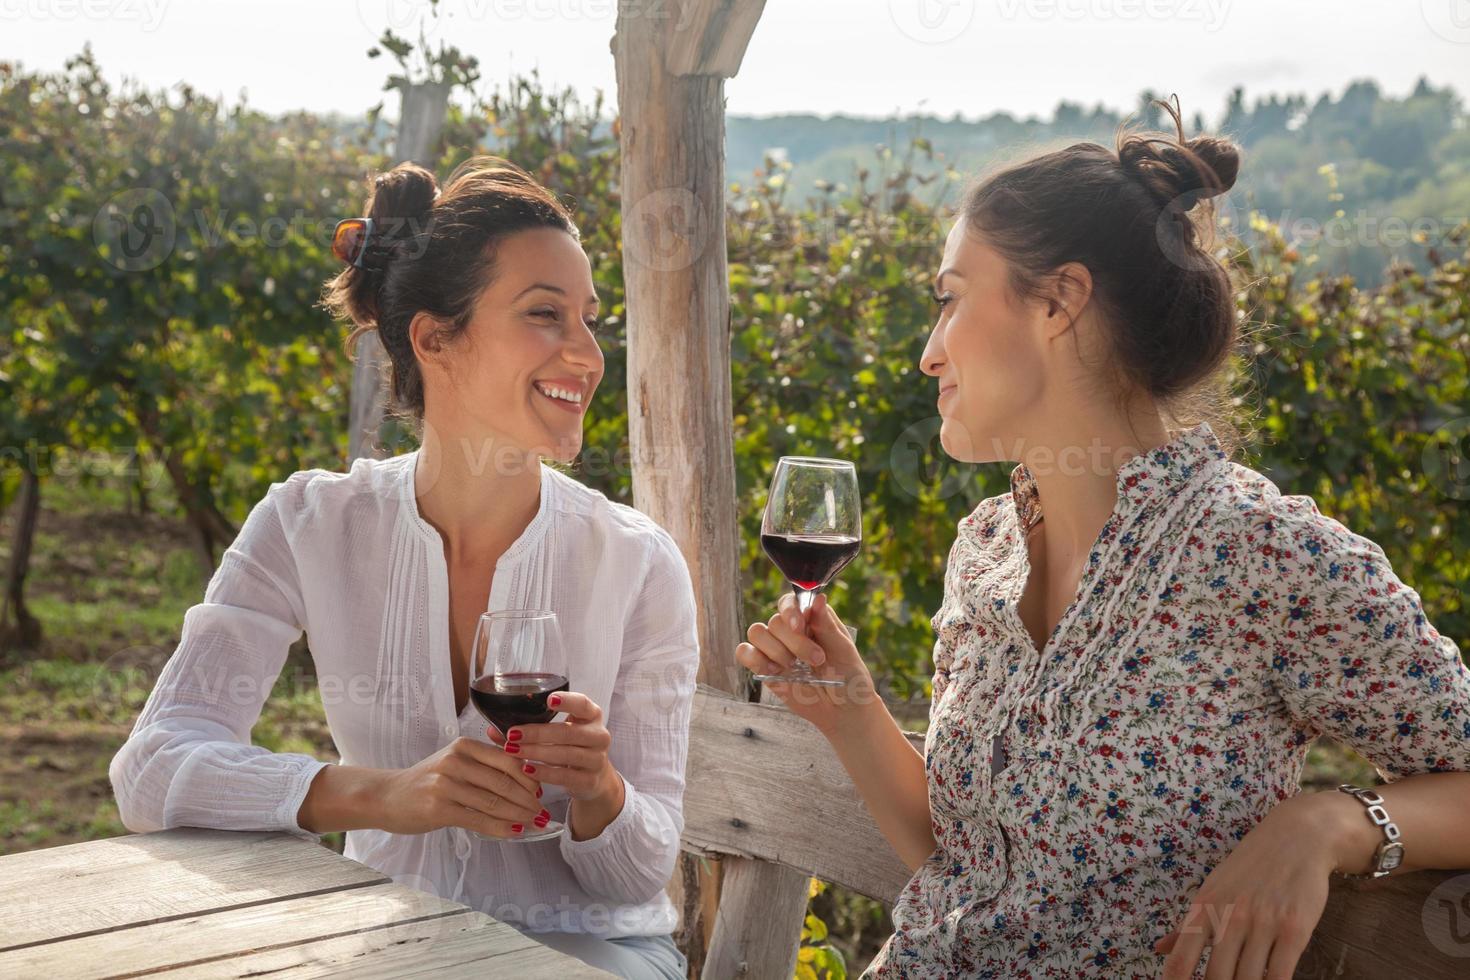 deux jeunes femmes buvant du vin photo